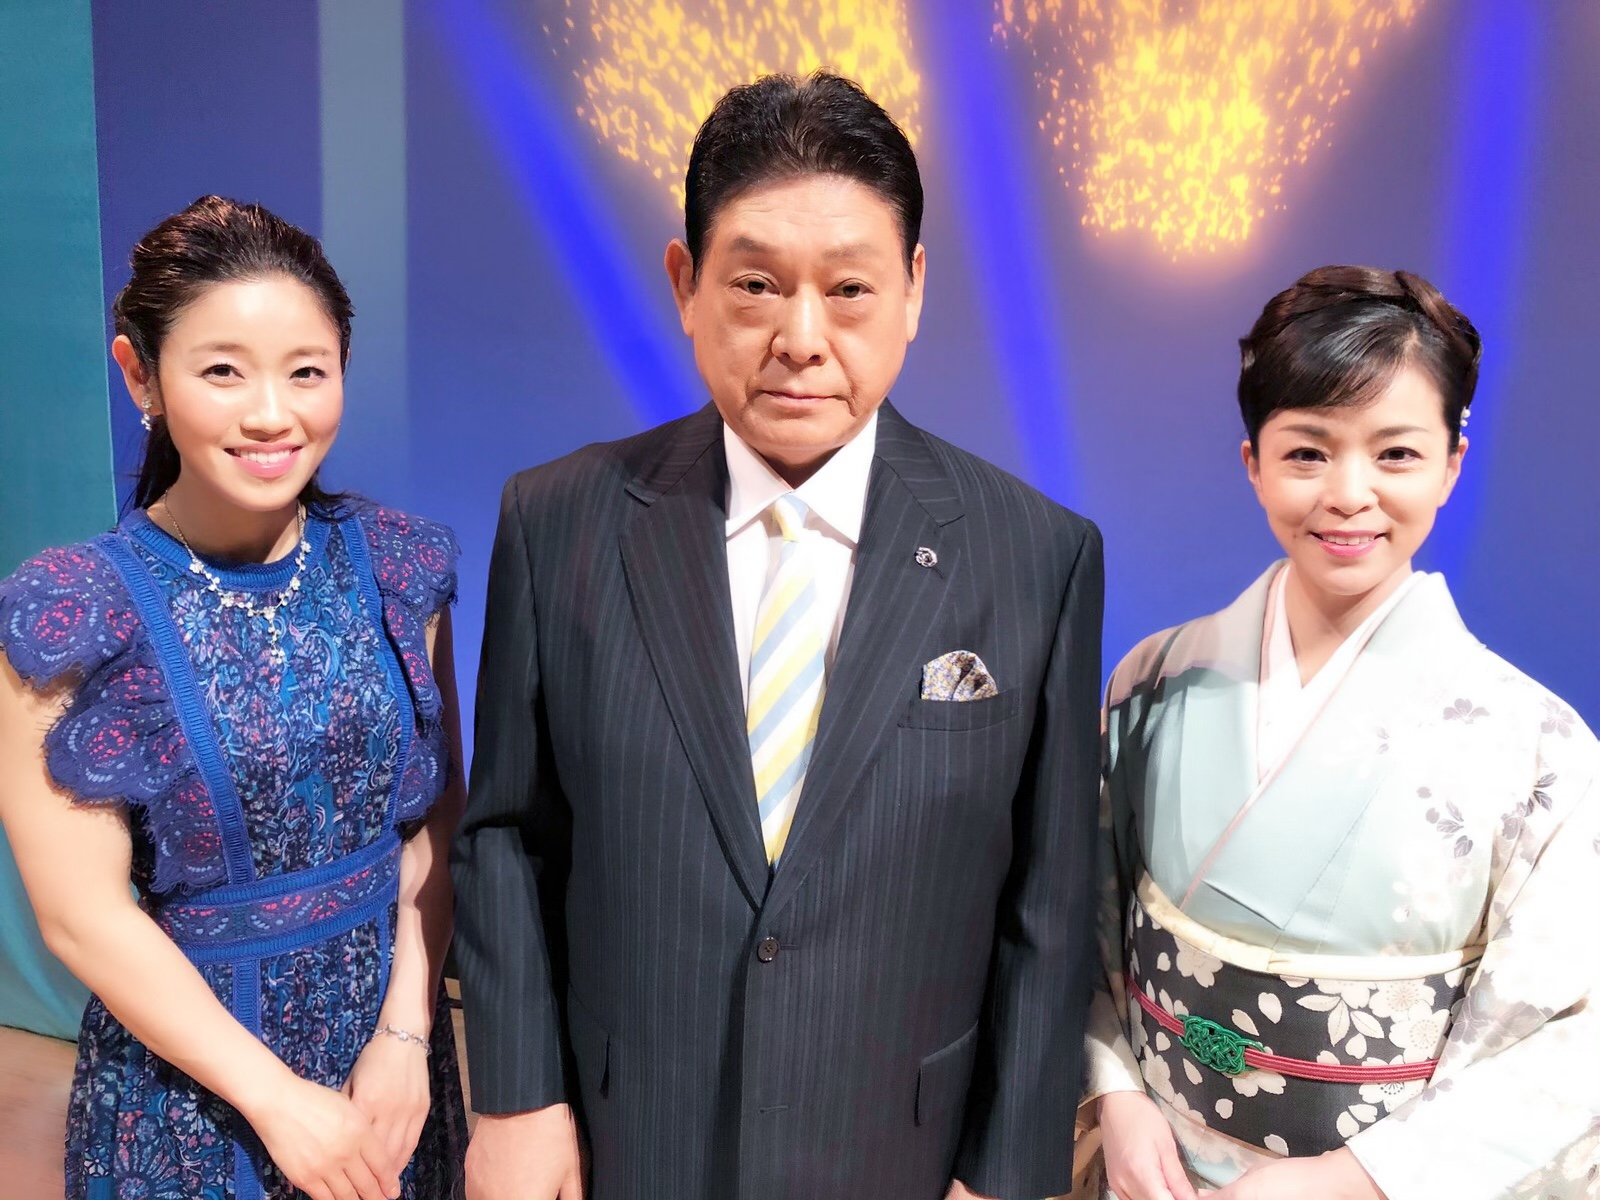 第7回ふじみ野チャリティー歌謡ショー